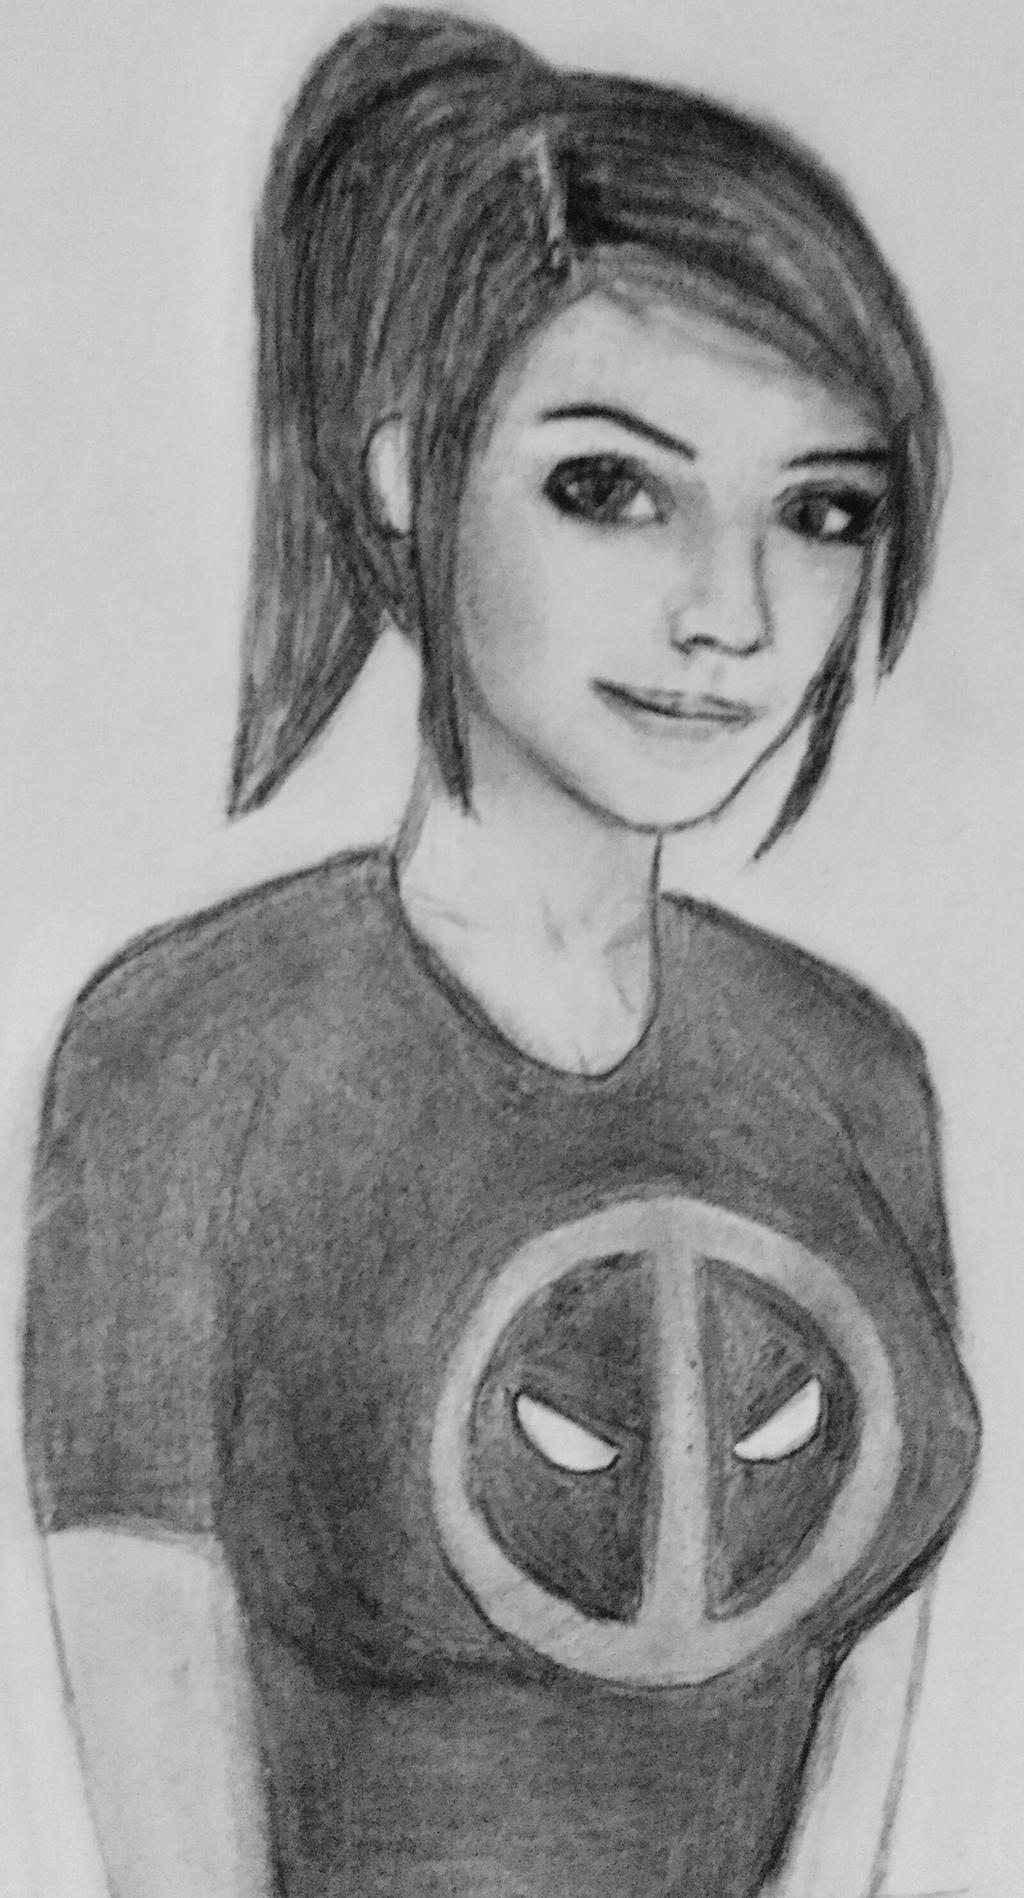 Kay self portrait by CaptainEdwardTeague